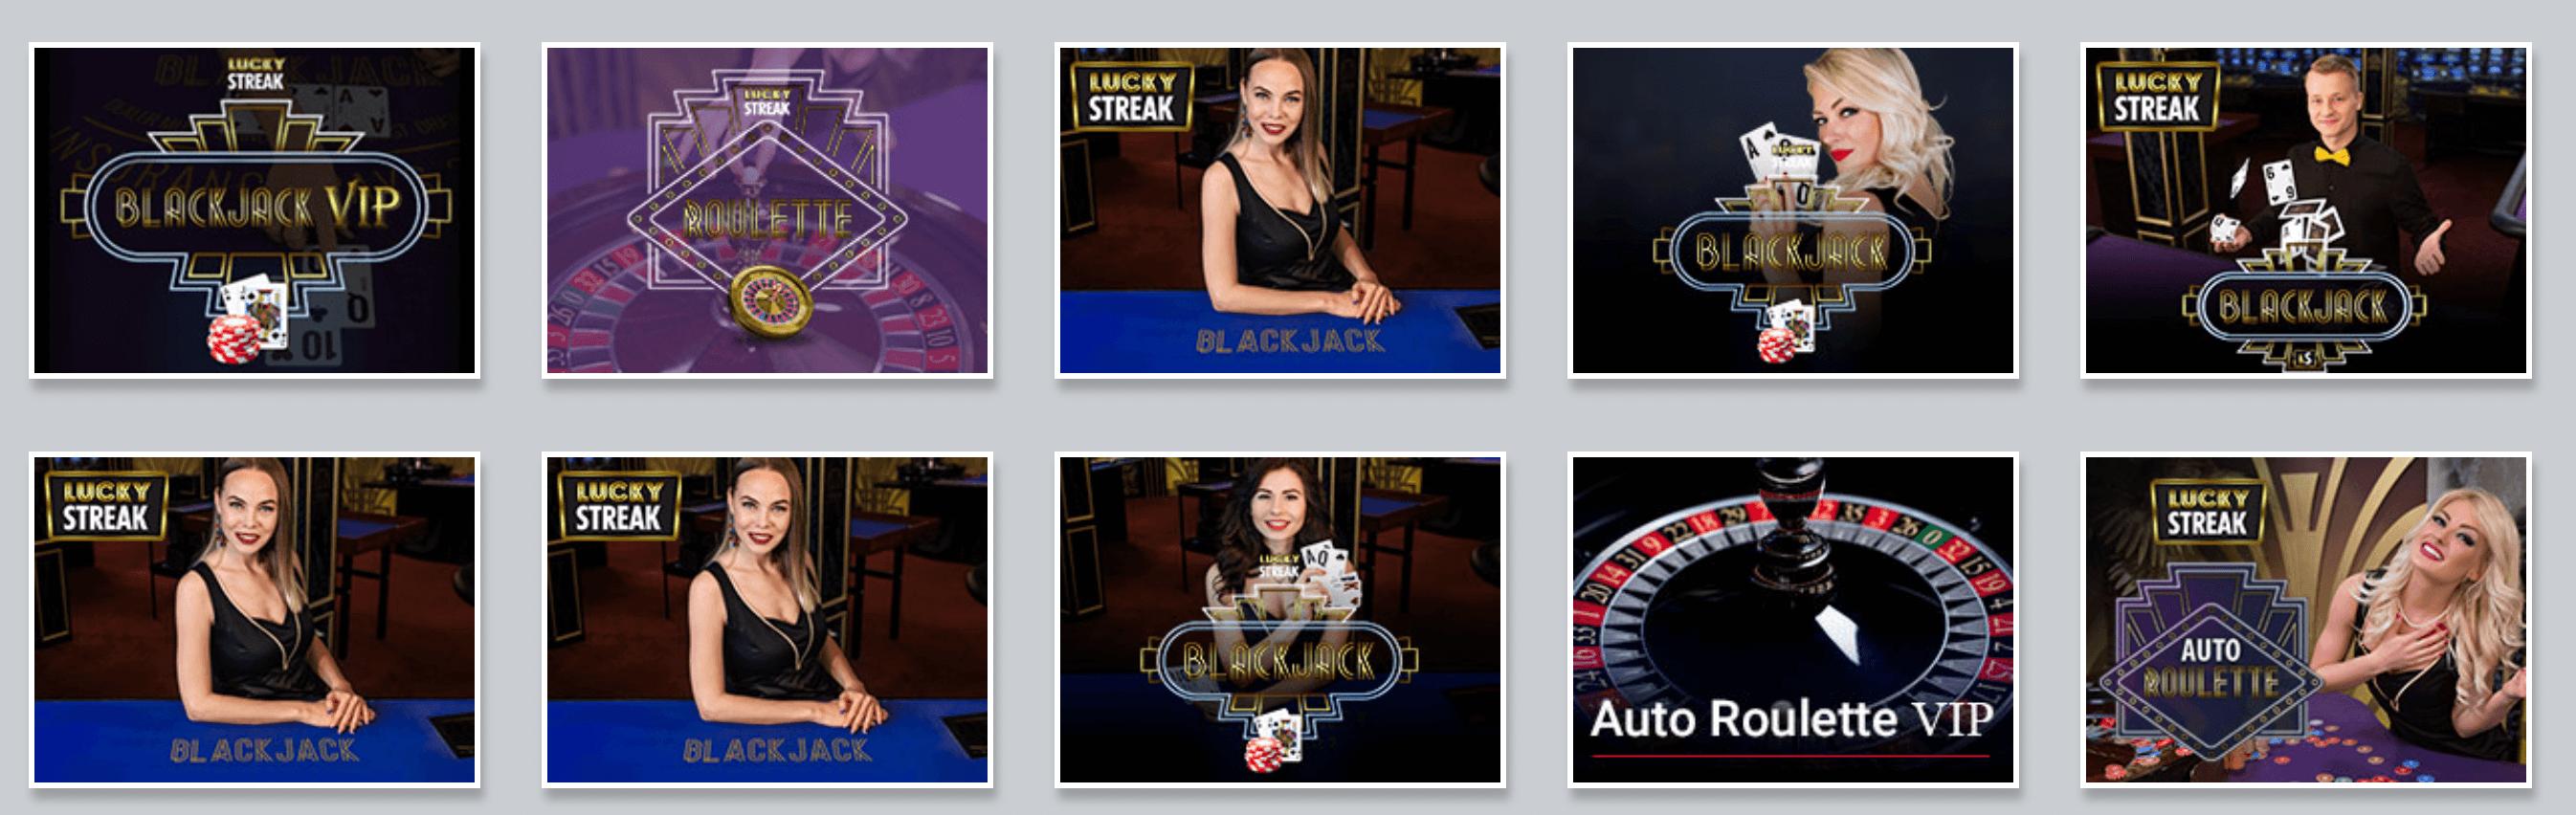 Lionel Bets Casino Slot Live